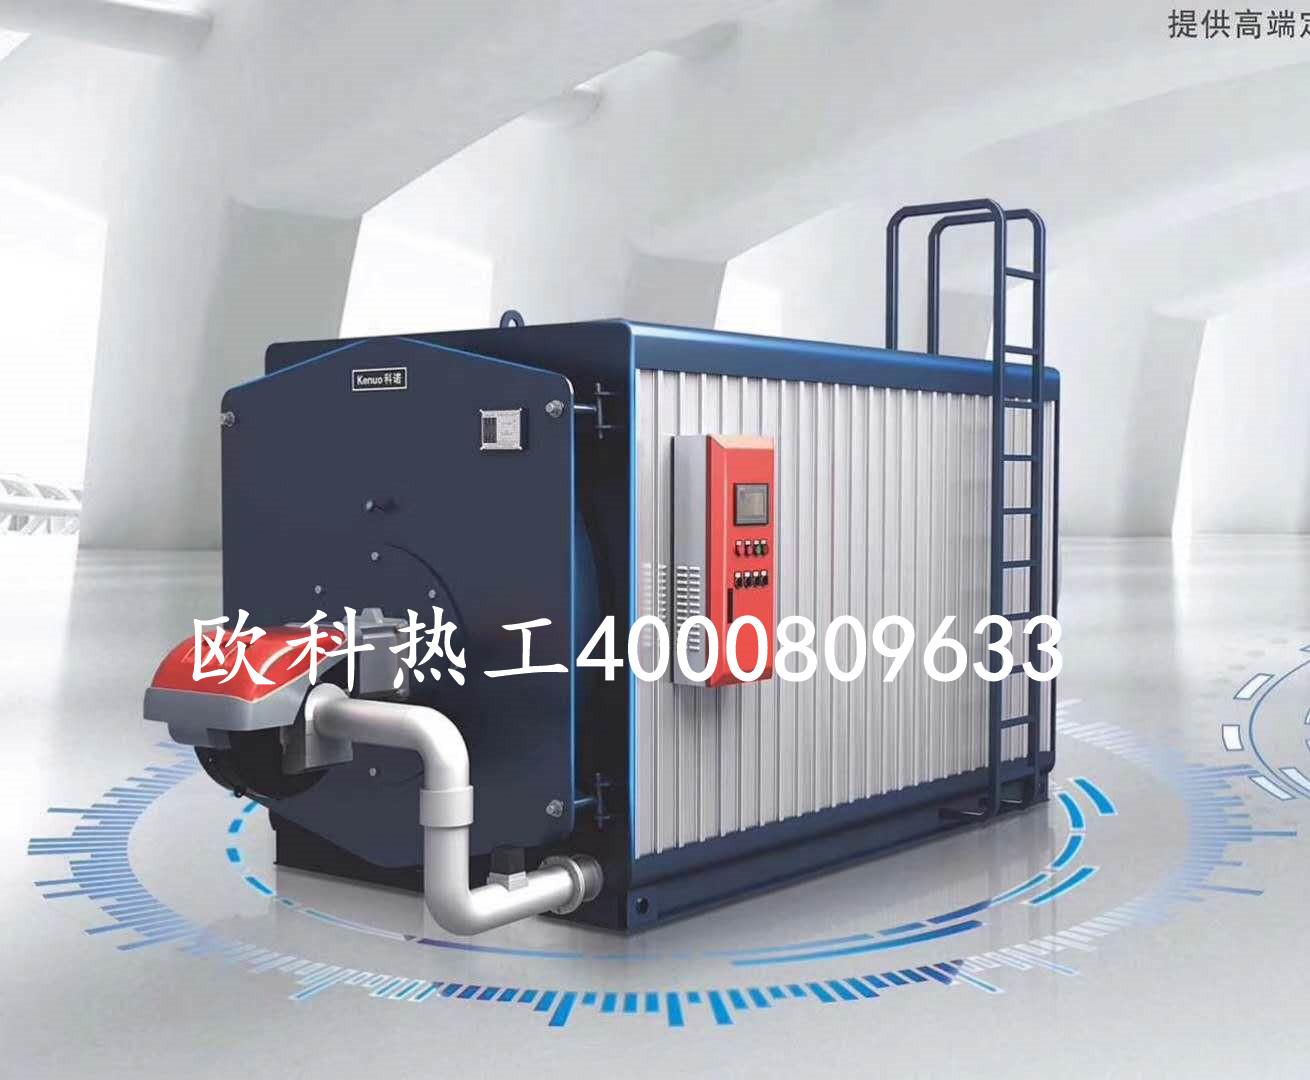 低氮燃气冷凝常压热水锅炉图片/低氮燃气冷凝常压热水锅炉样板图 (1)